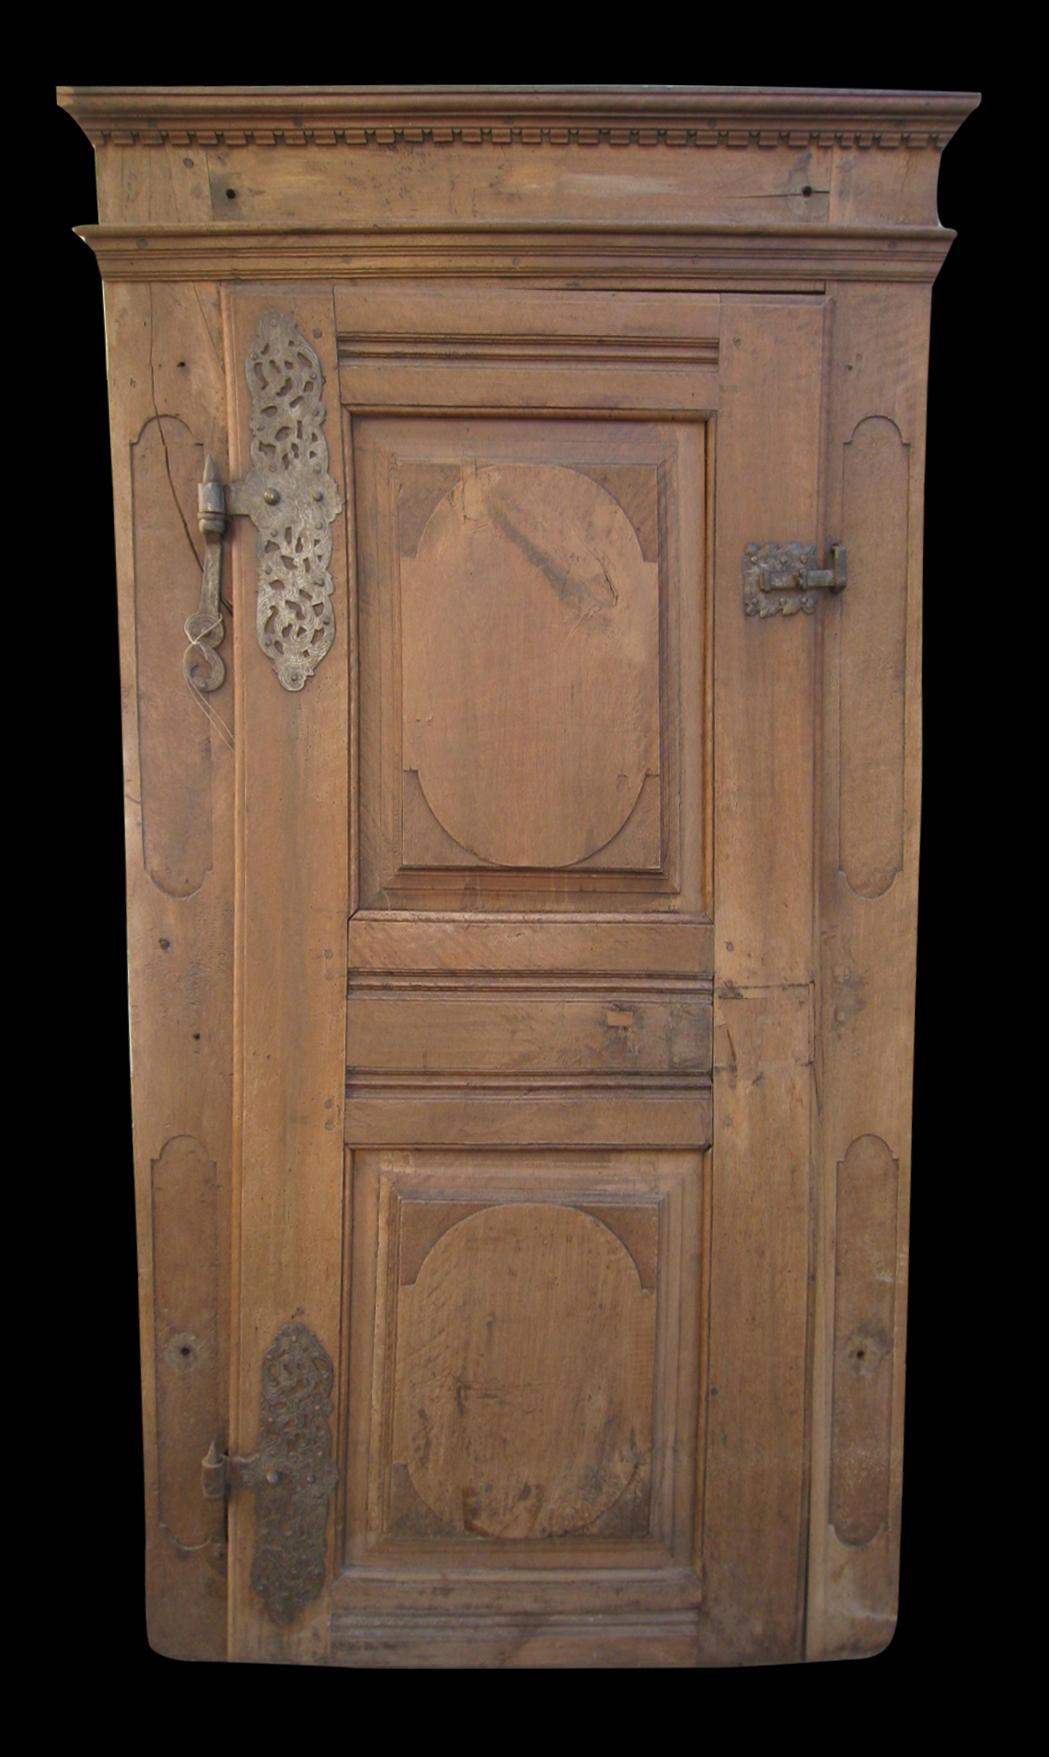 Foto Di Porte Antiche porte antiche per evocare sapori d'altri tempi…